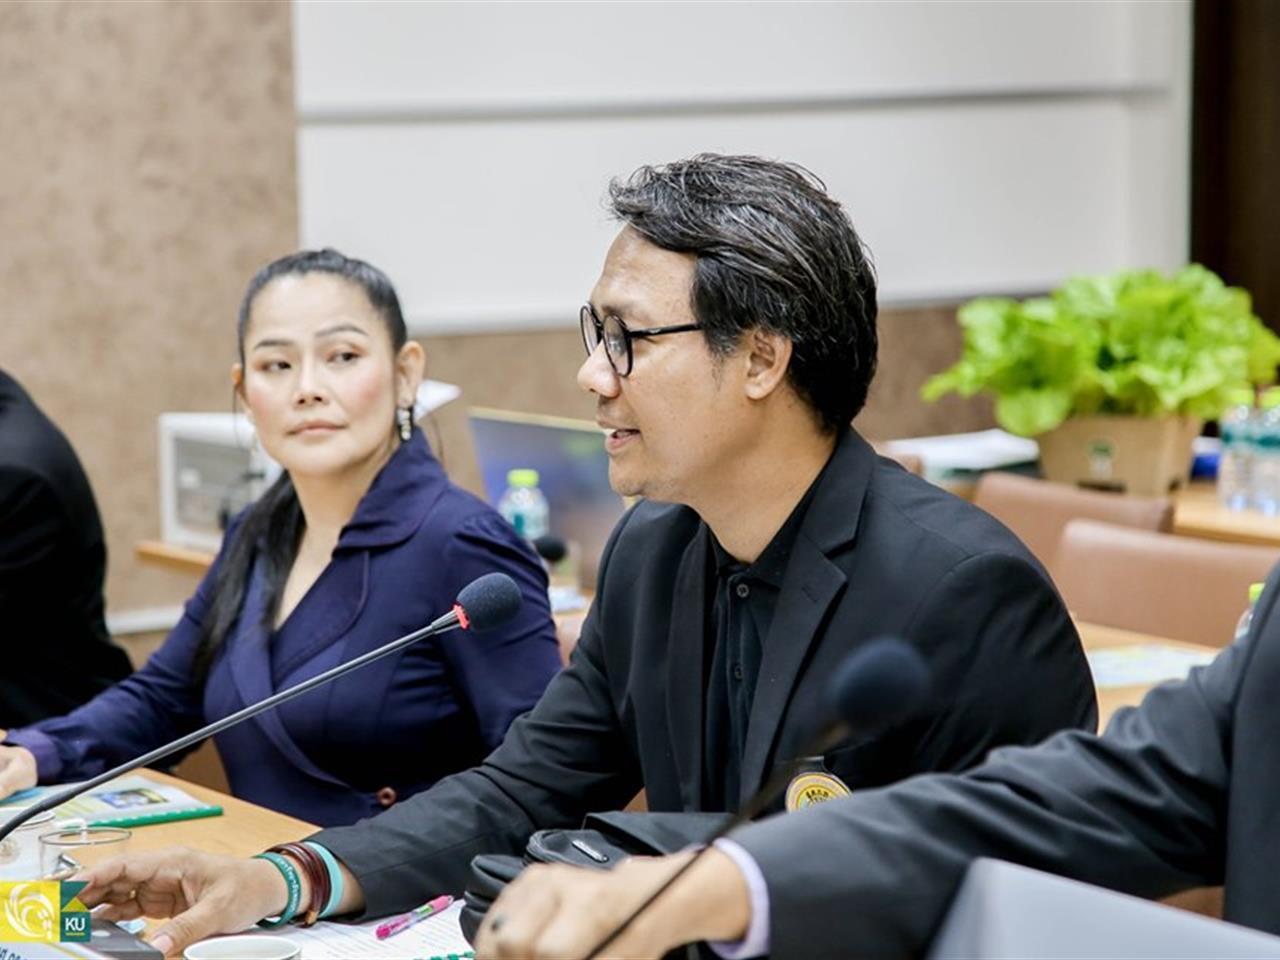 คณบดีคณะเกษตรศาสตร์และทรัพยากรธรรมชาติ ม.พะเยา เข้าร่วมประชุมสภาคณบดีสาขาการเกษตร แห่งประเทศไทยครั้งที่ 3